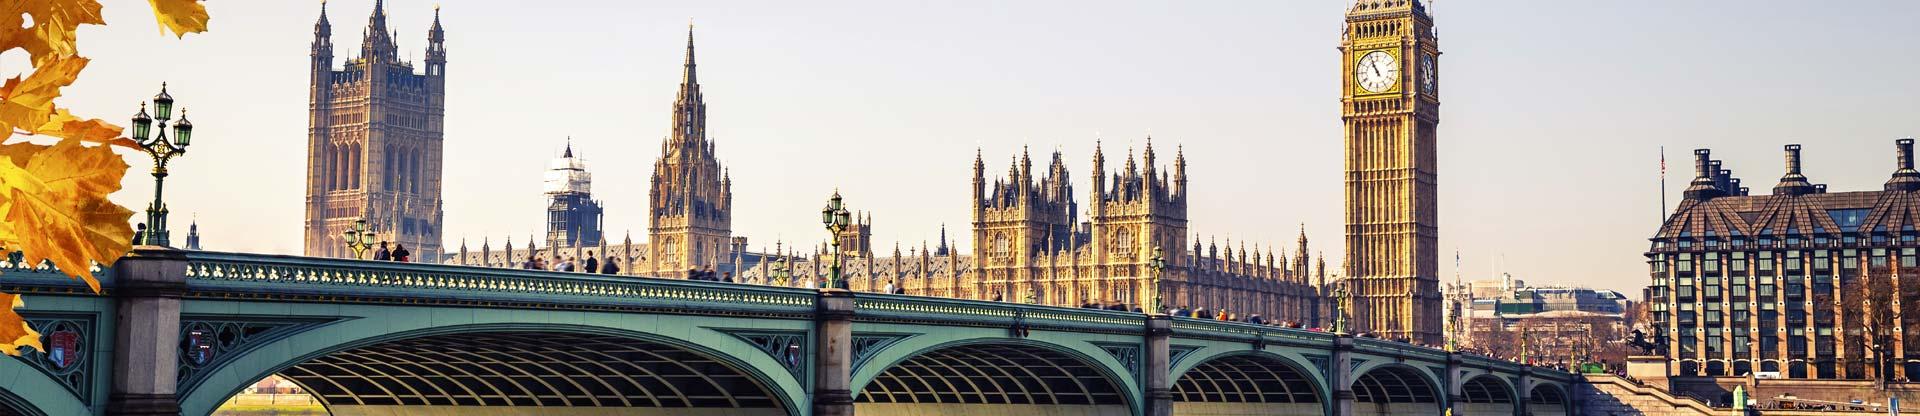 Séjours linguistiques Angleterre : Pourquoi mon voyage linguistique a changé ma vie ?